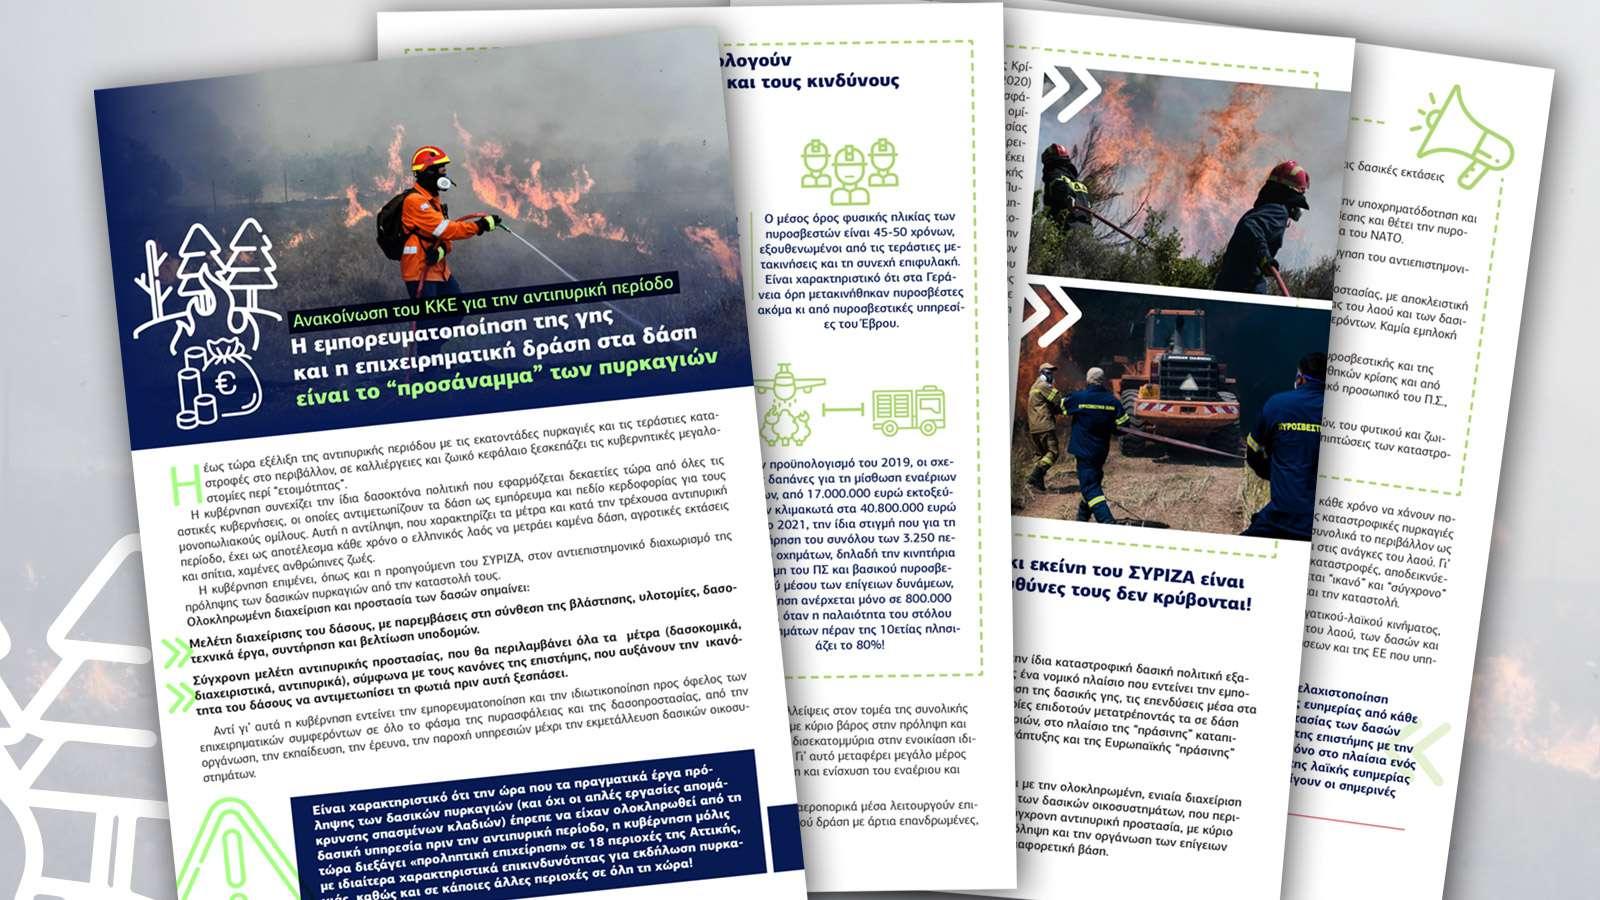 Η εμπορευματοποίηση της γης και η επιχειρηματική δράση στα δάση είναι το προσάναμμα των πυρκαγιών anakoinosi kke antipyriki